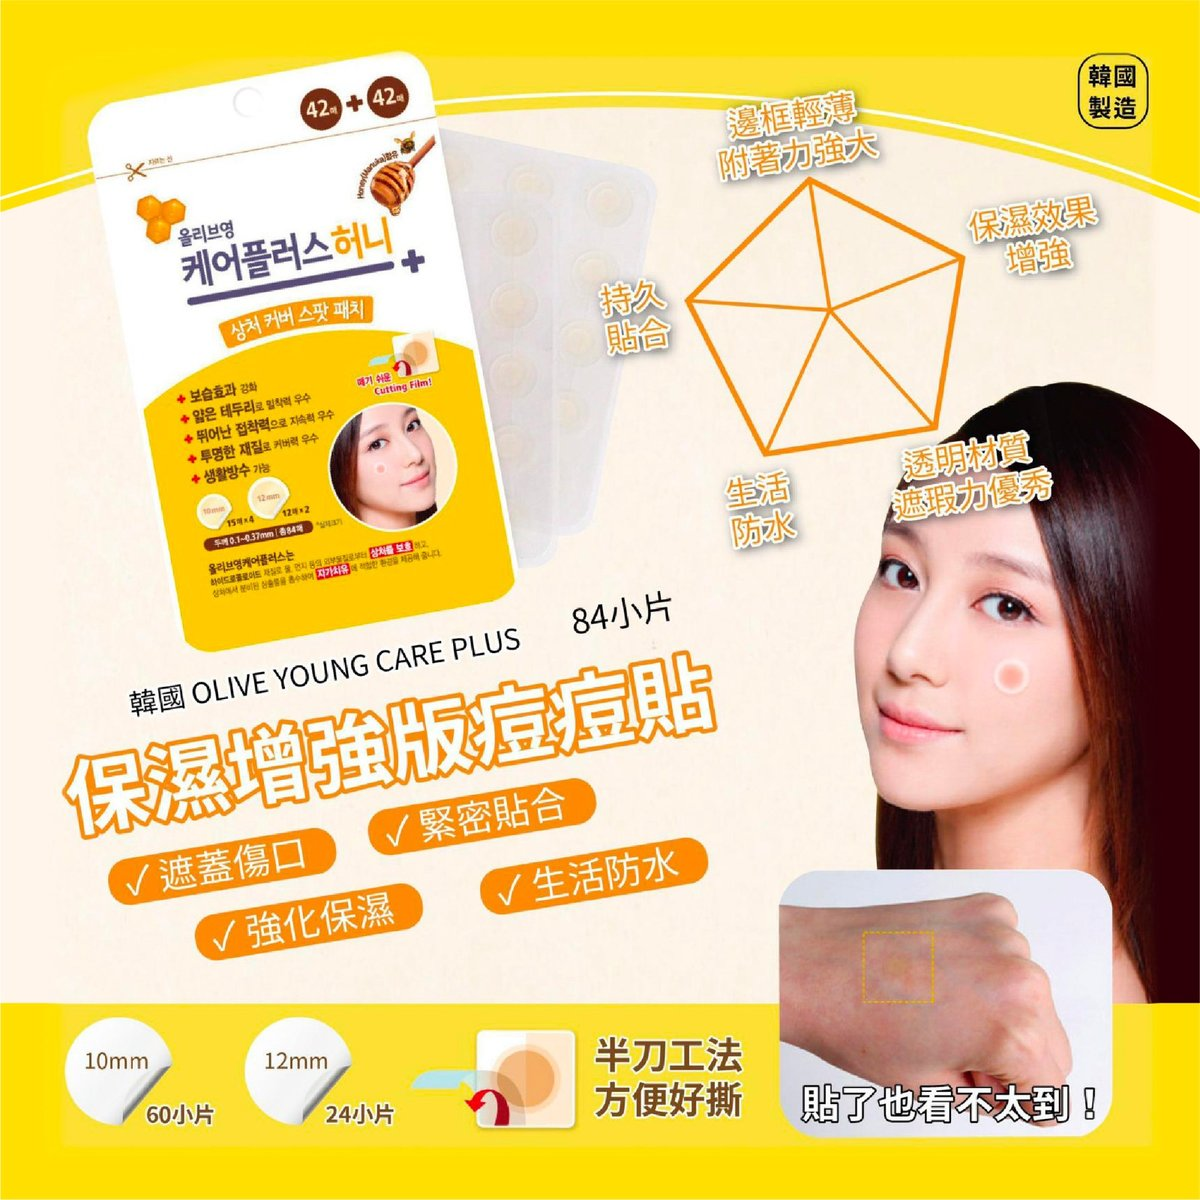 韓國製造OLIVE YOUNG CARE PLUS 保濕增強版痘痘貼 84小片/包